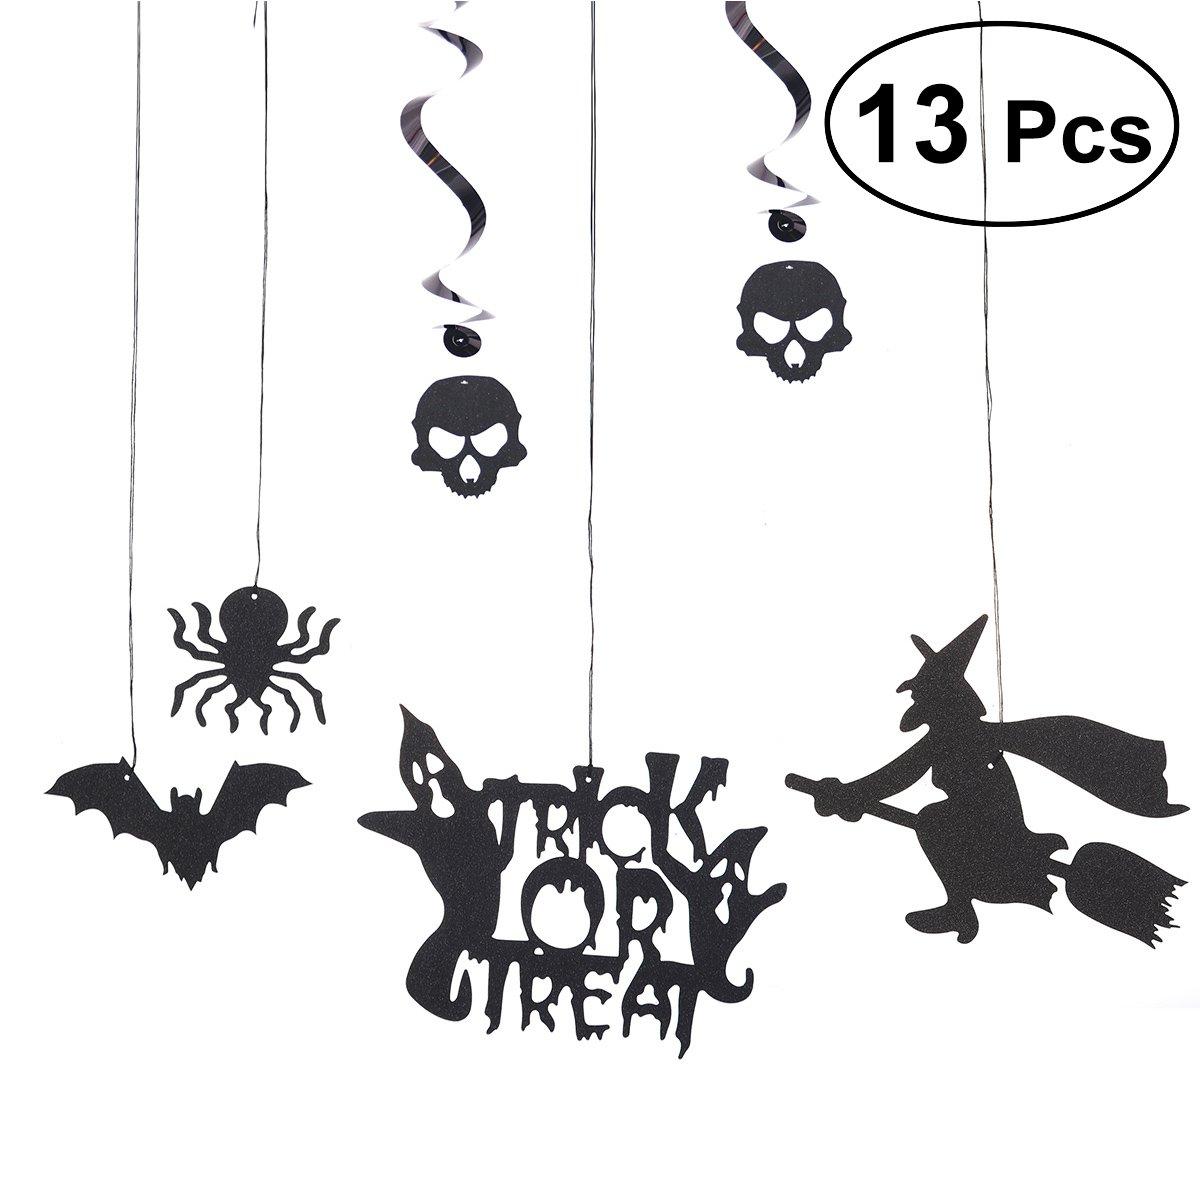 Amosfun 13 pcs Suspendus en Spirale Guirlandes Ornements Spider Bat Sorcière Crâne PVC Suspendus Bannière Halloween Événement Fournitures Décoration